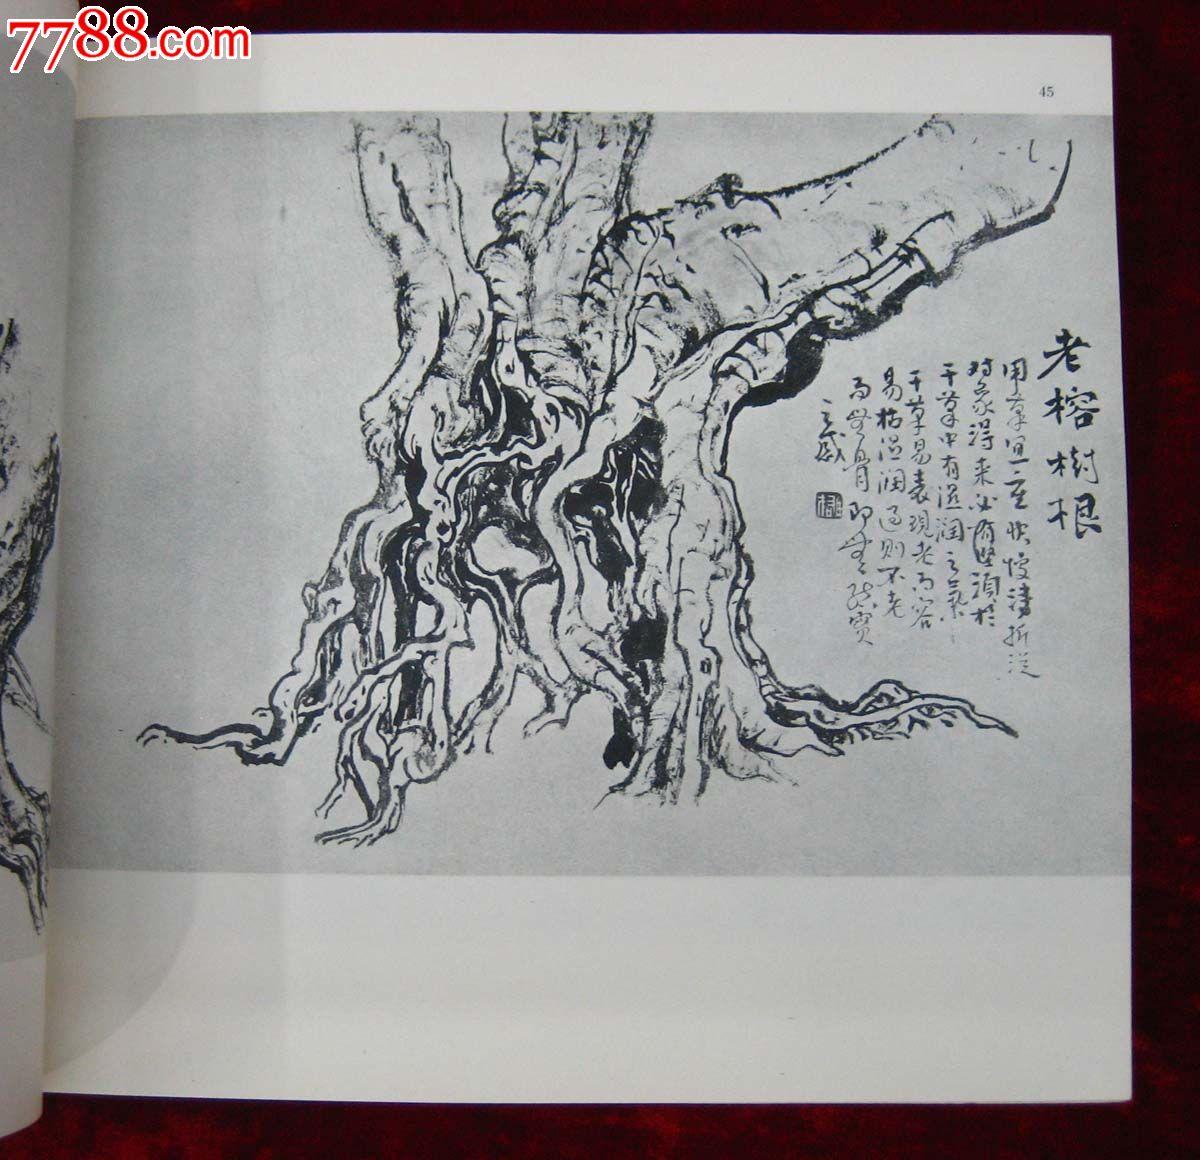 画册:黎雄才山水画谱-国画画册--se18352540-零售